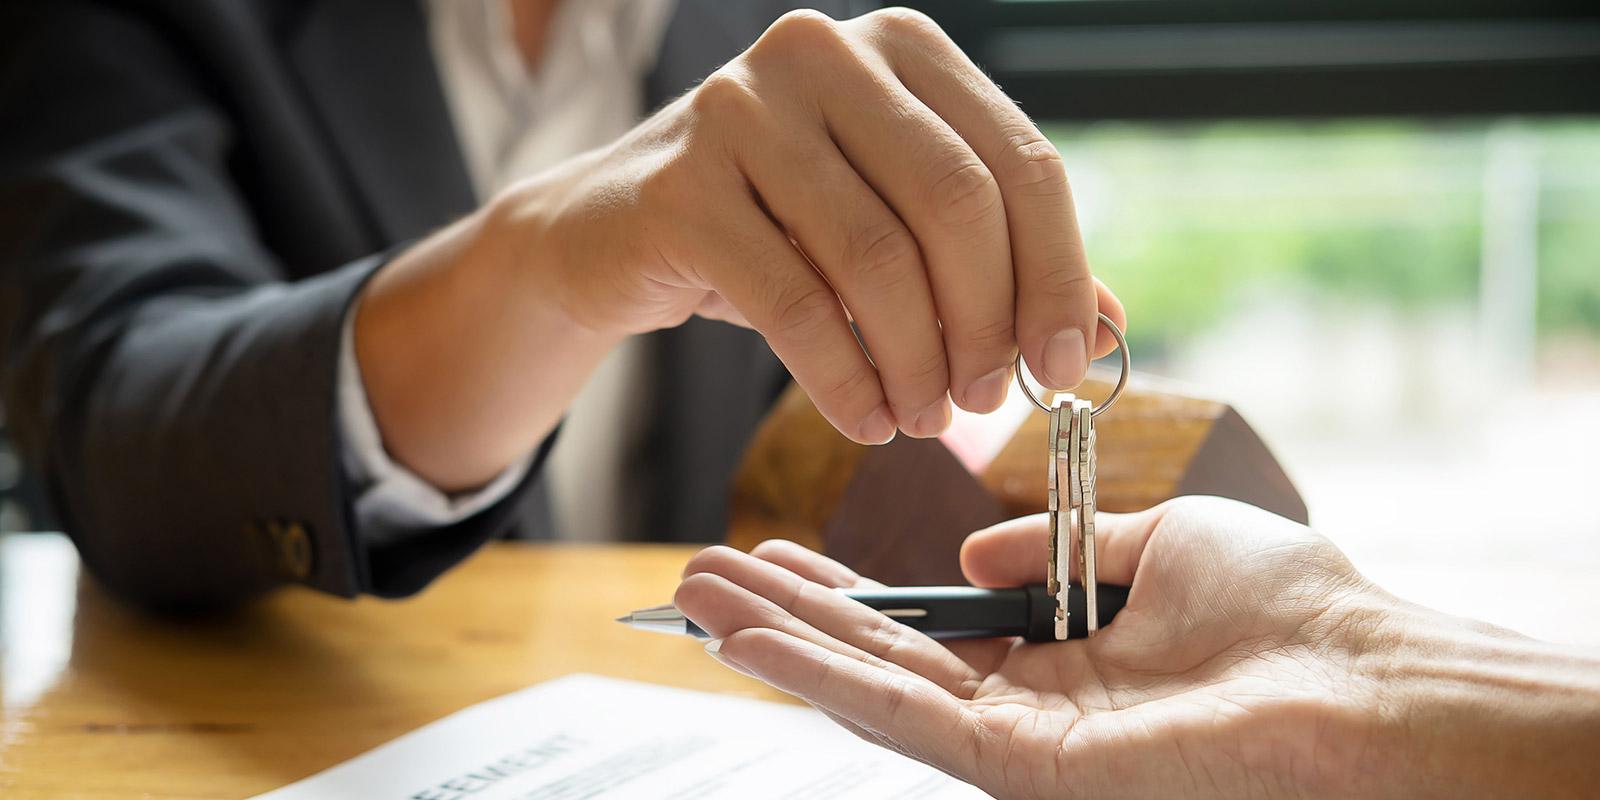 Pravidla pro poskytování hypoték v roce 2020. Jak se změnily po zásahu koronaviru a invenci ČNB?